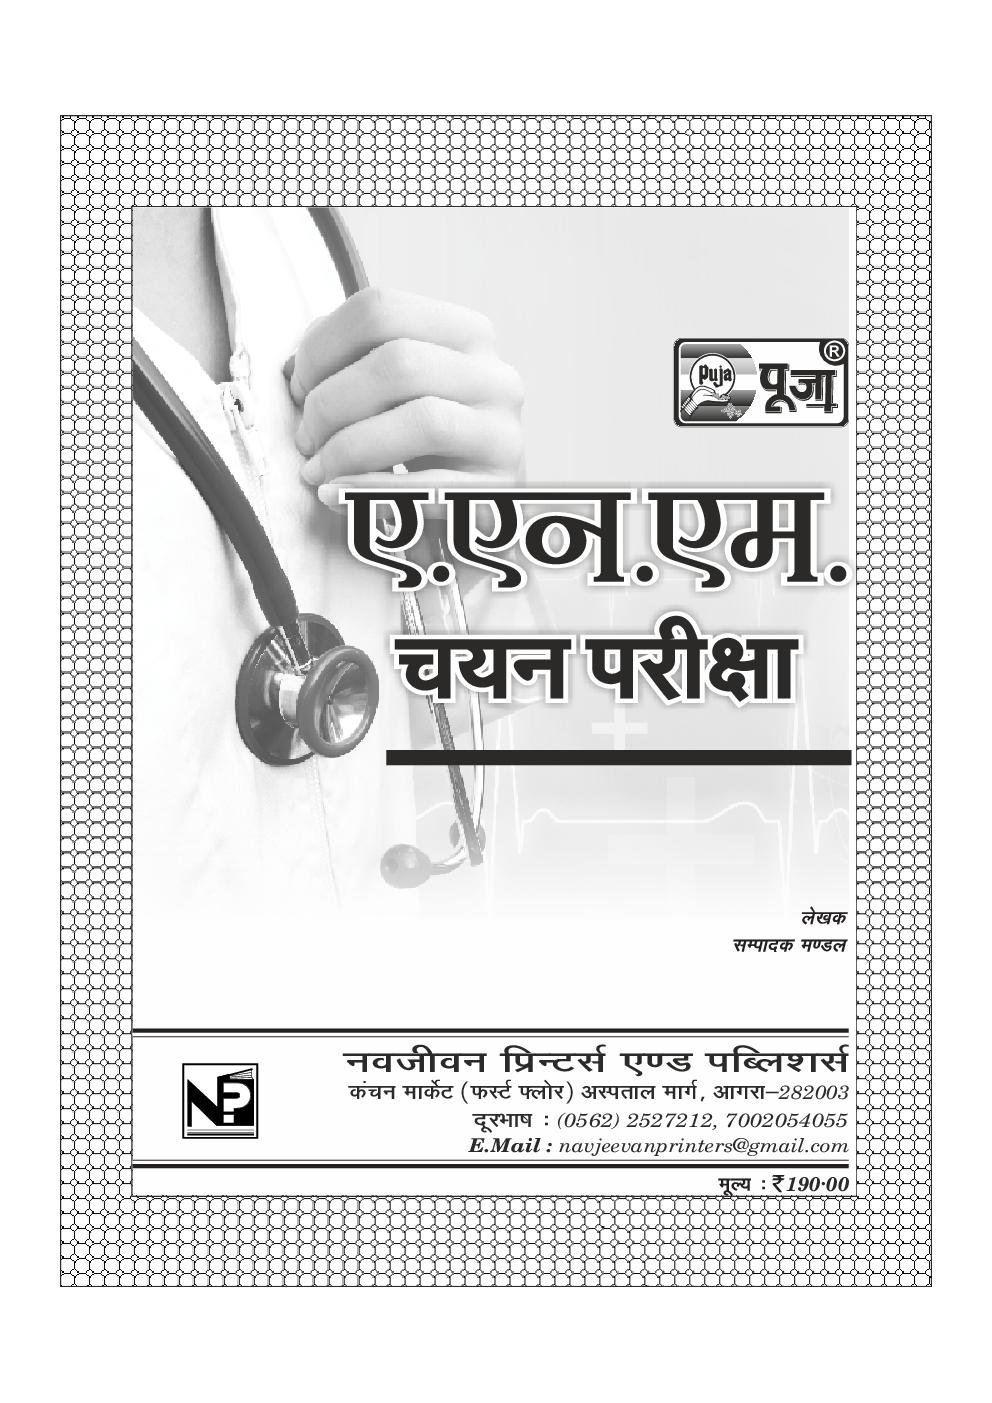 Puja ए.एन.एम. चयन परीक्षा - Page 2